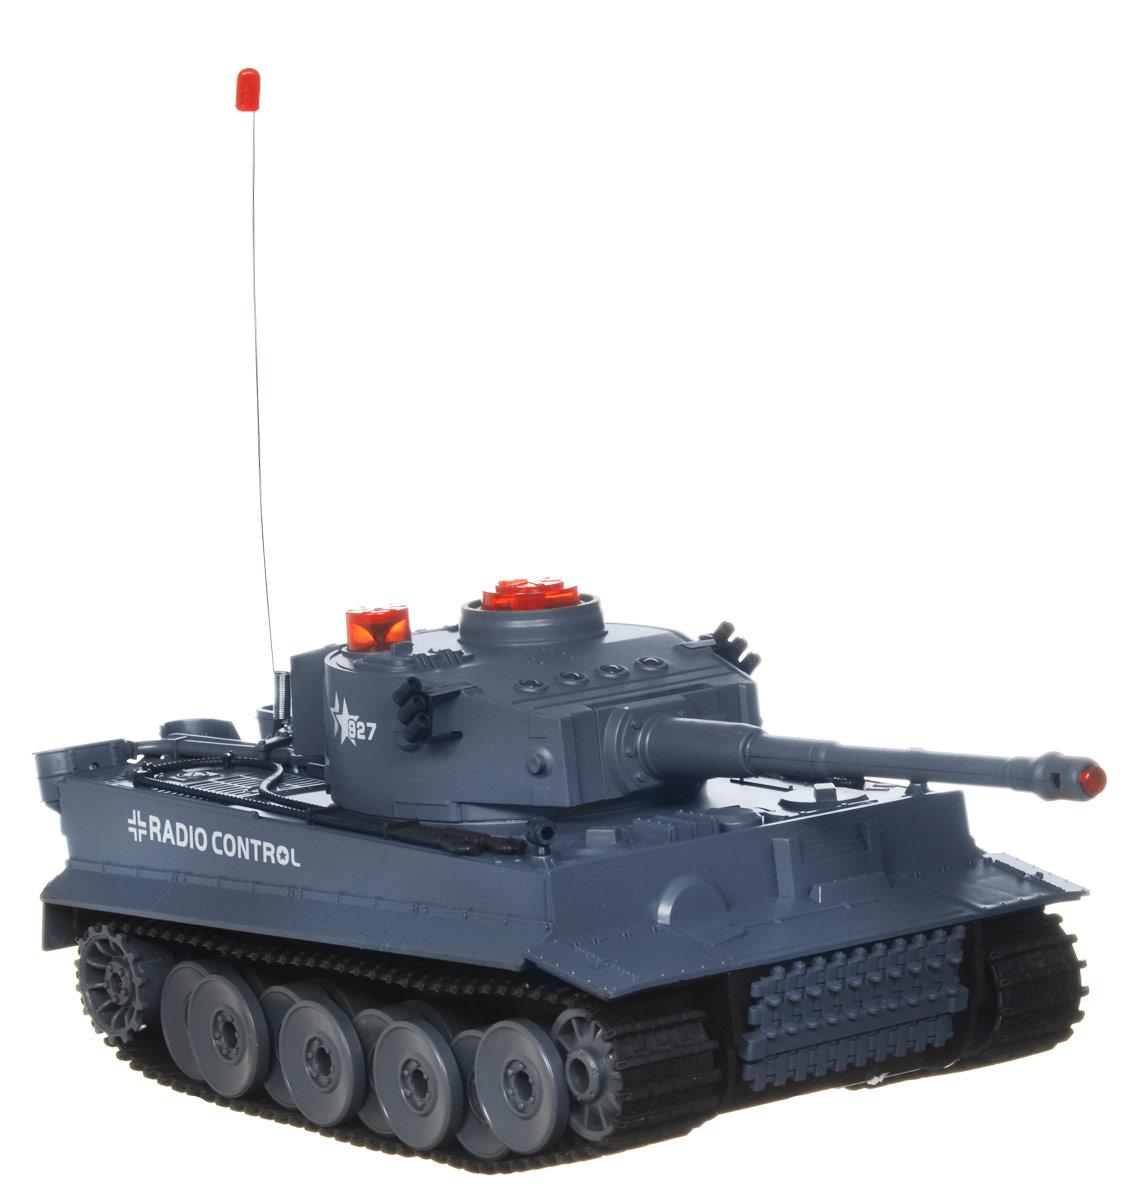 ABtoys Танк на радиоуправлении C-00058C-00058Радиоуправляемый Боевой танк понравится не только малышам, но и взрослым любителям военной техники. Игрушка выполнена из безопасного прочного пластика с элементами из металла и дополнена системой инфракрасного наведения. Танк может двигаться вправо, влево, вперед и назад, вращаться на месте. Башня танка может вращаться направо и налево на 180 градусов, а регулируемая пушка опускается и поднимается. Вверху танка имеются индикаторы жизни и питания. Радиус действия пульта управления составляет 10 метров, радиус инфракрасных выстрелов - 3 метра. Реалистичные световые и звуковые эффекты при стрельбе позволяют еще глубже окунуться в атмосферу настоящего танкового боя. Радиоуправляемые игрушки развивают многочисленные способности ребенка: мелкую моторику, пространственное мышление, реакцию и логику. Порадуйте своего ребенка таким замечательным подарком! Игрушка работает от съемного аккумулятора напряжением 7,2V с зарядным устройством (входят в комплект). ...